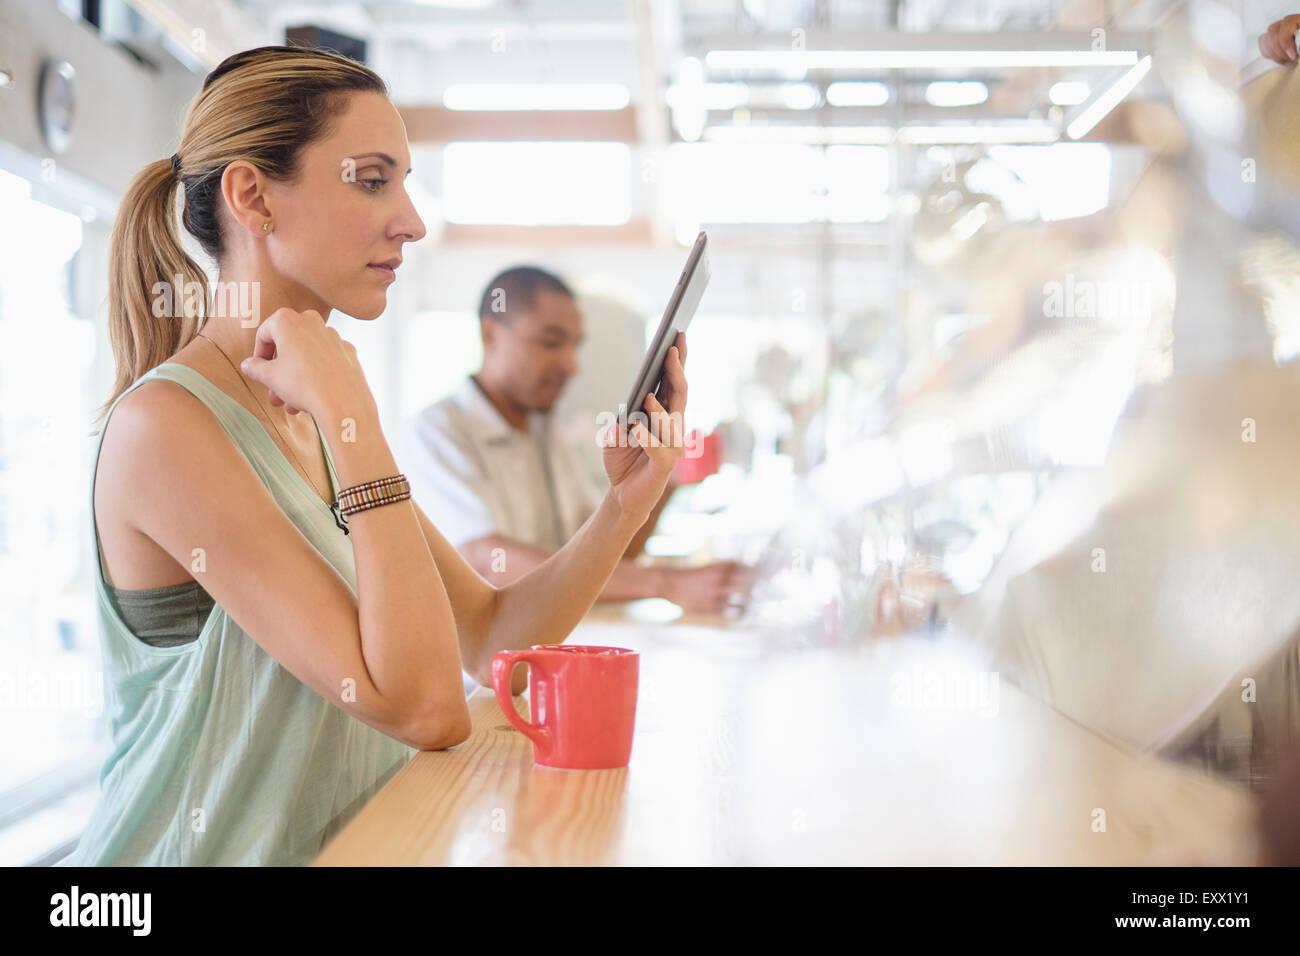 Persone in coffee shop Immagini Stock